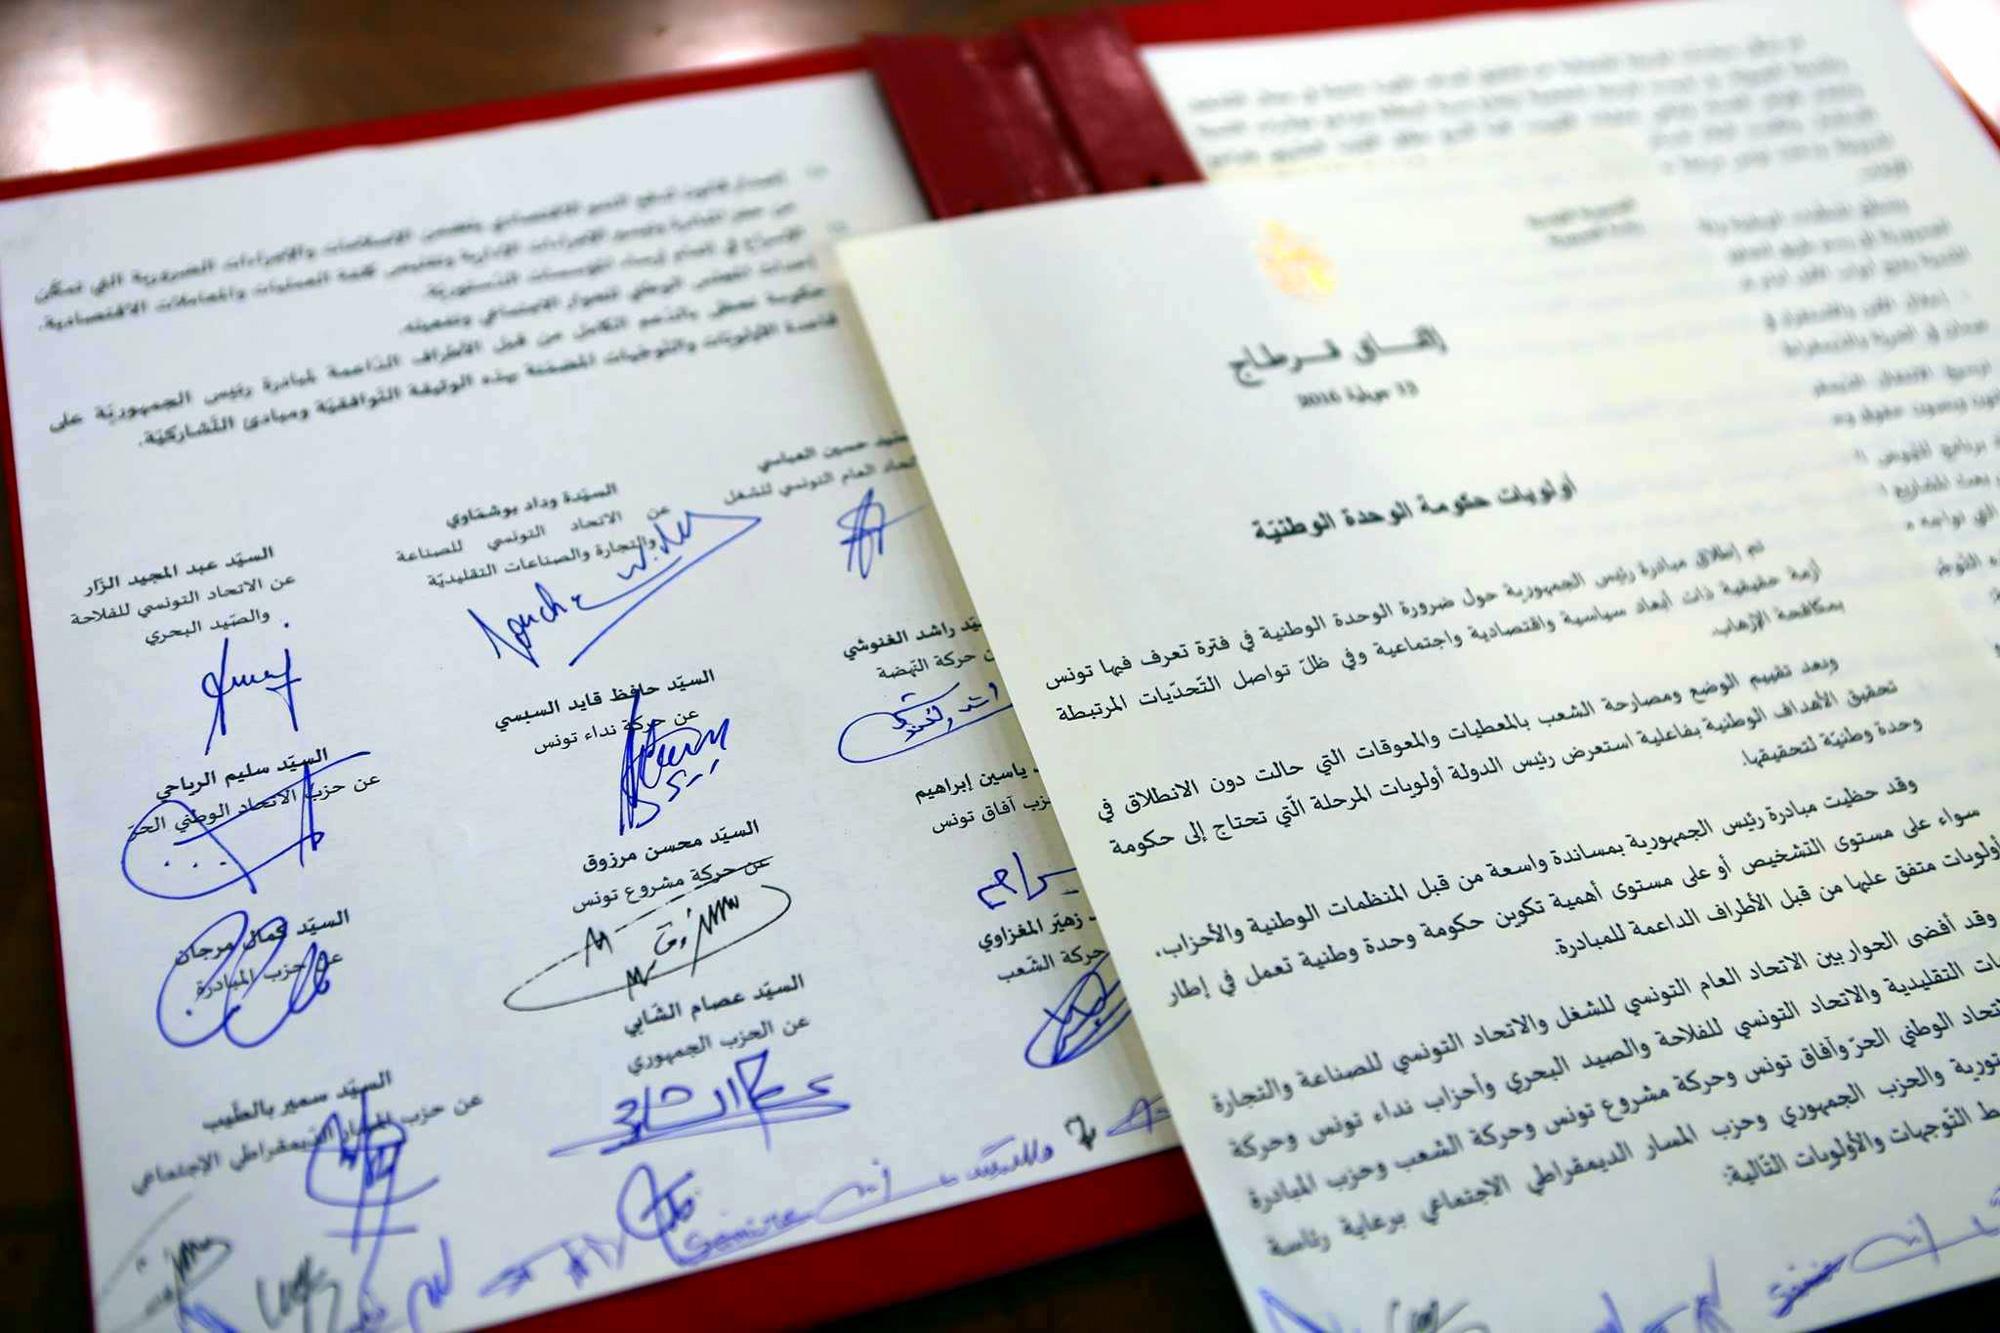 """اليوم: عرض """"وثيقة قرطاج 2"""" على رؤساء الأحزاب والأمناء العامين للمنظمات الوطنية"""